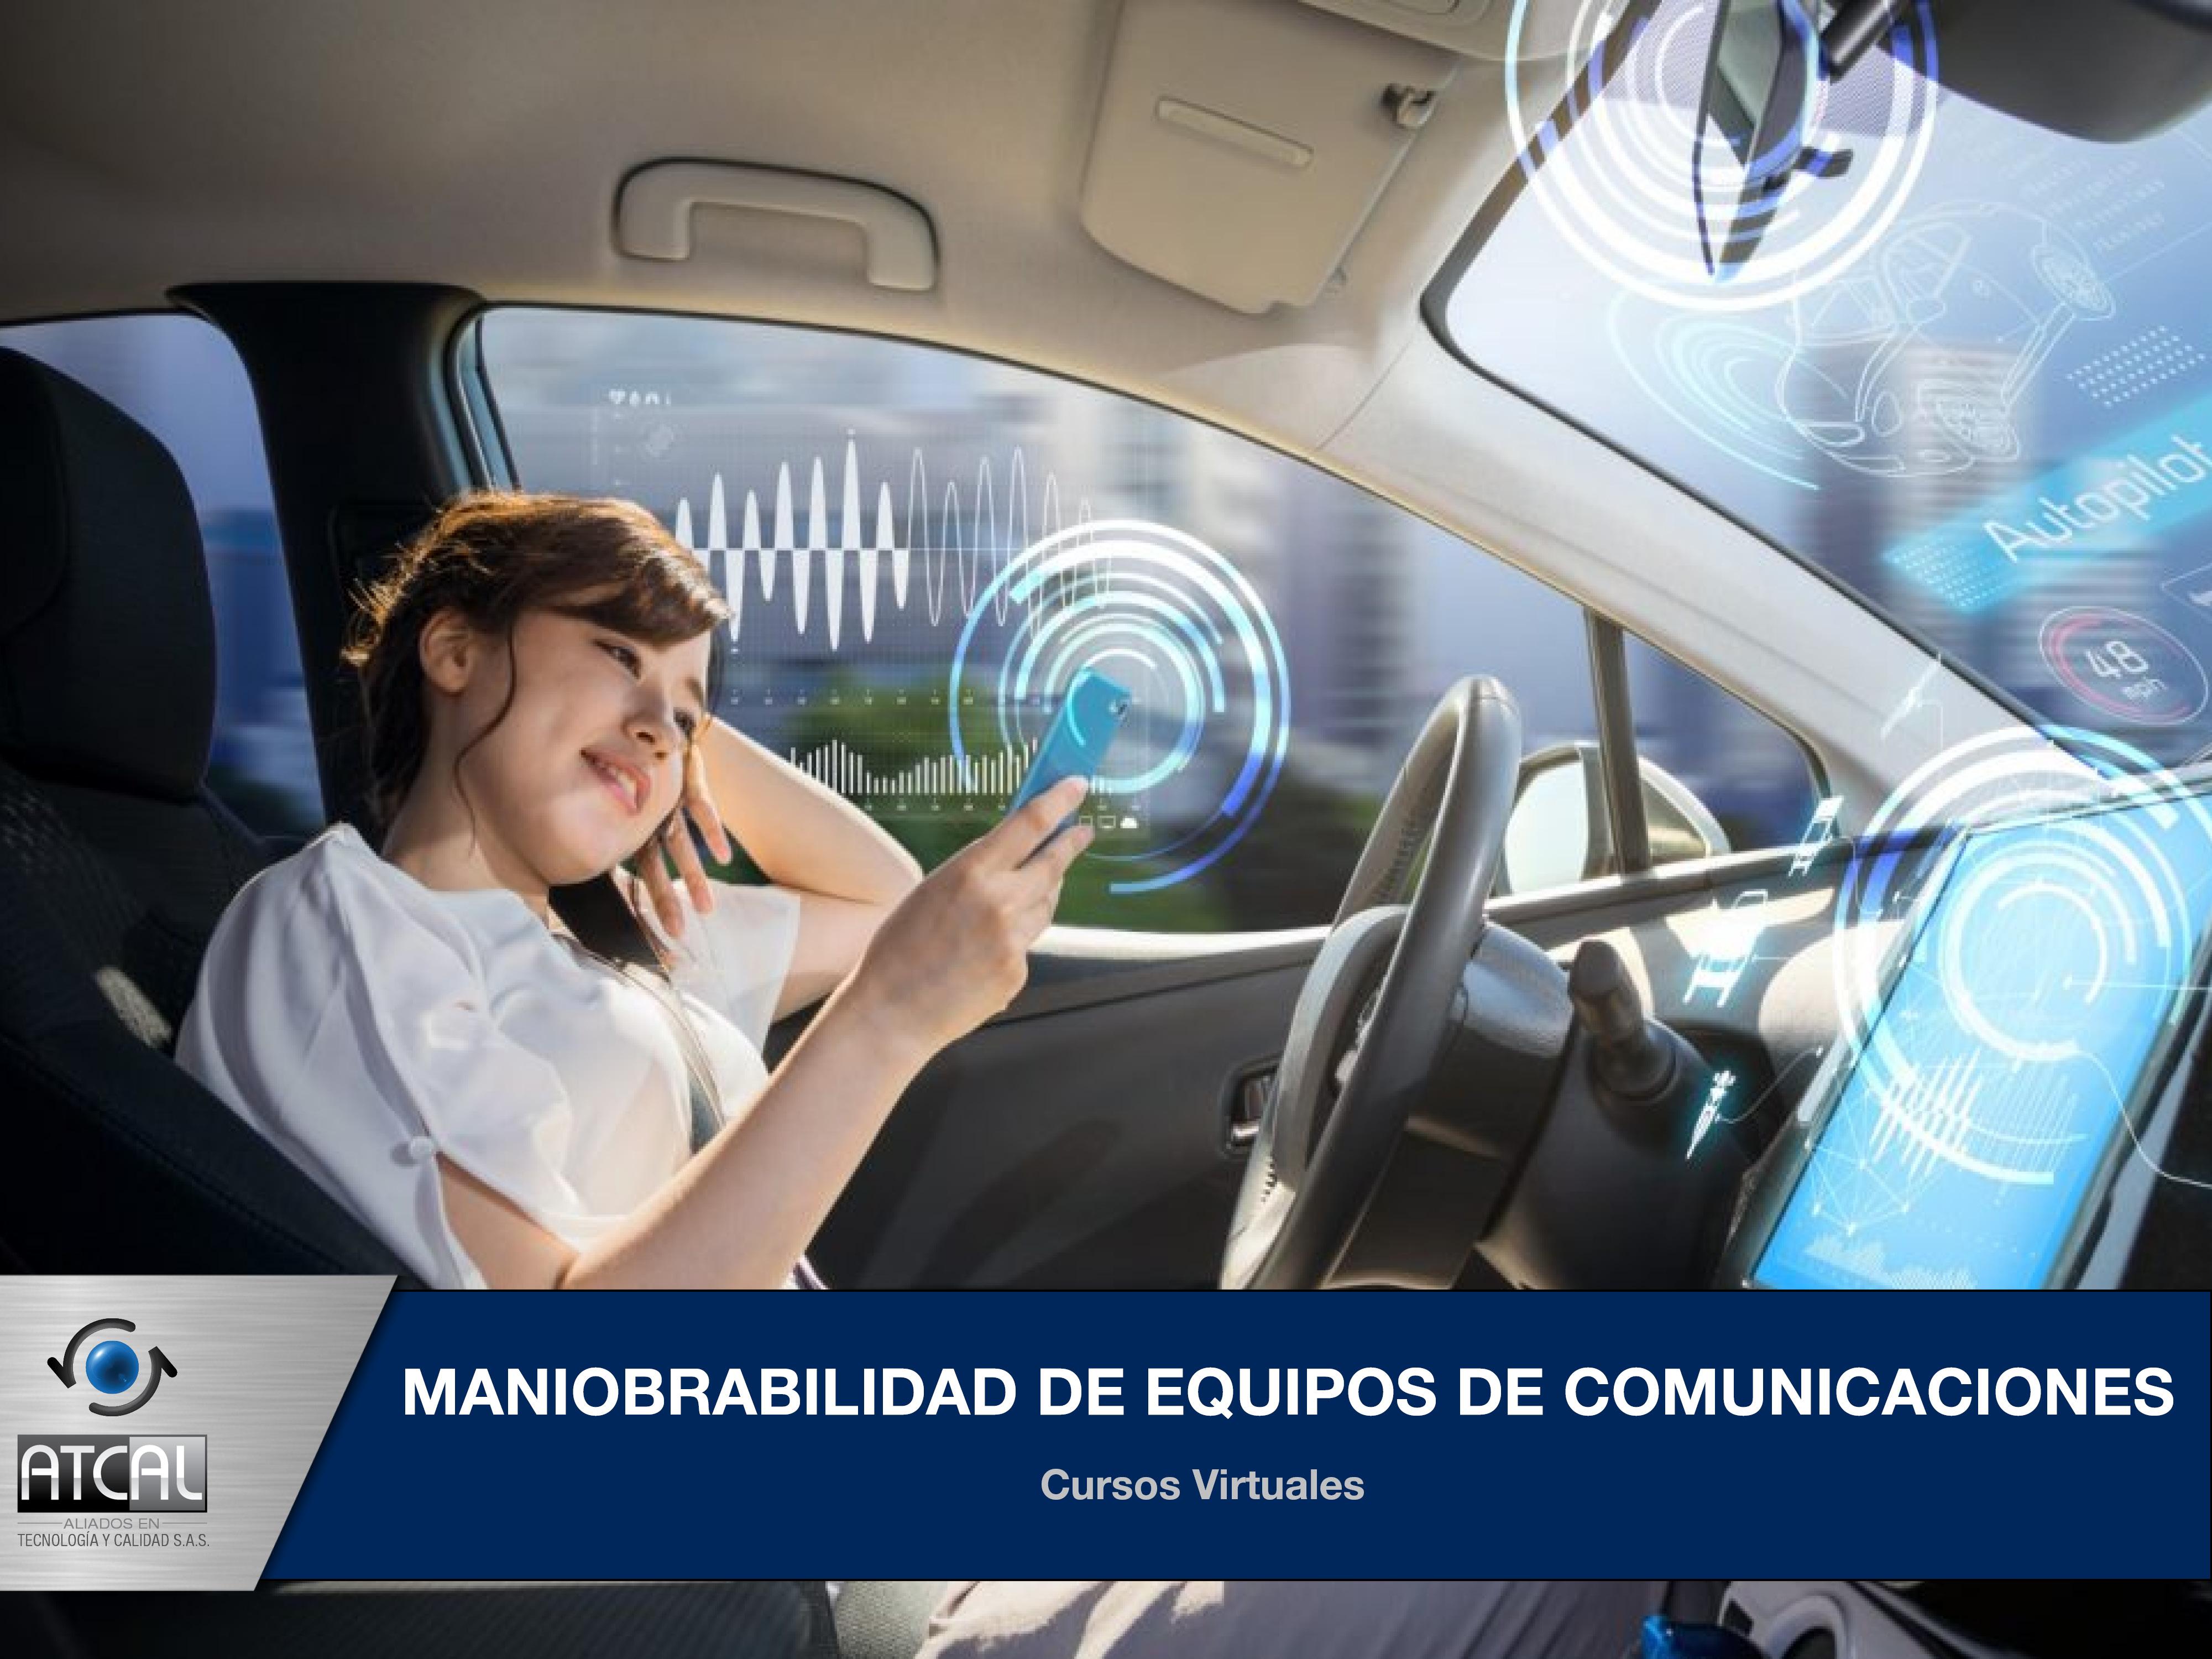 Maniobrabilidad de Equipos de Comunicaciones